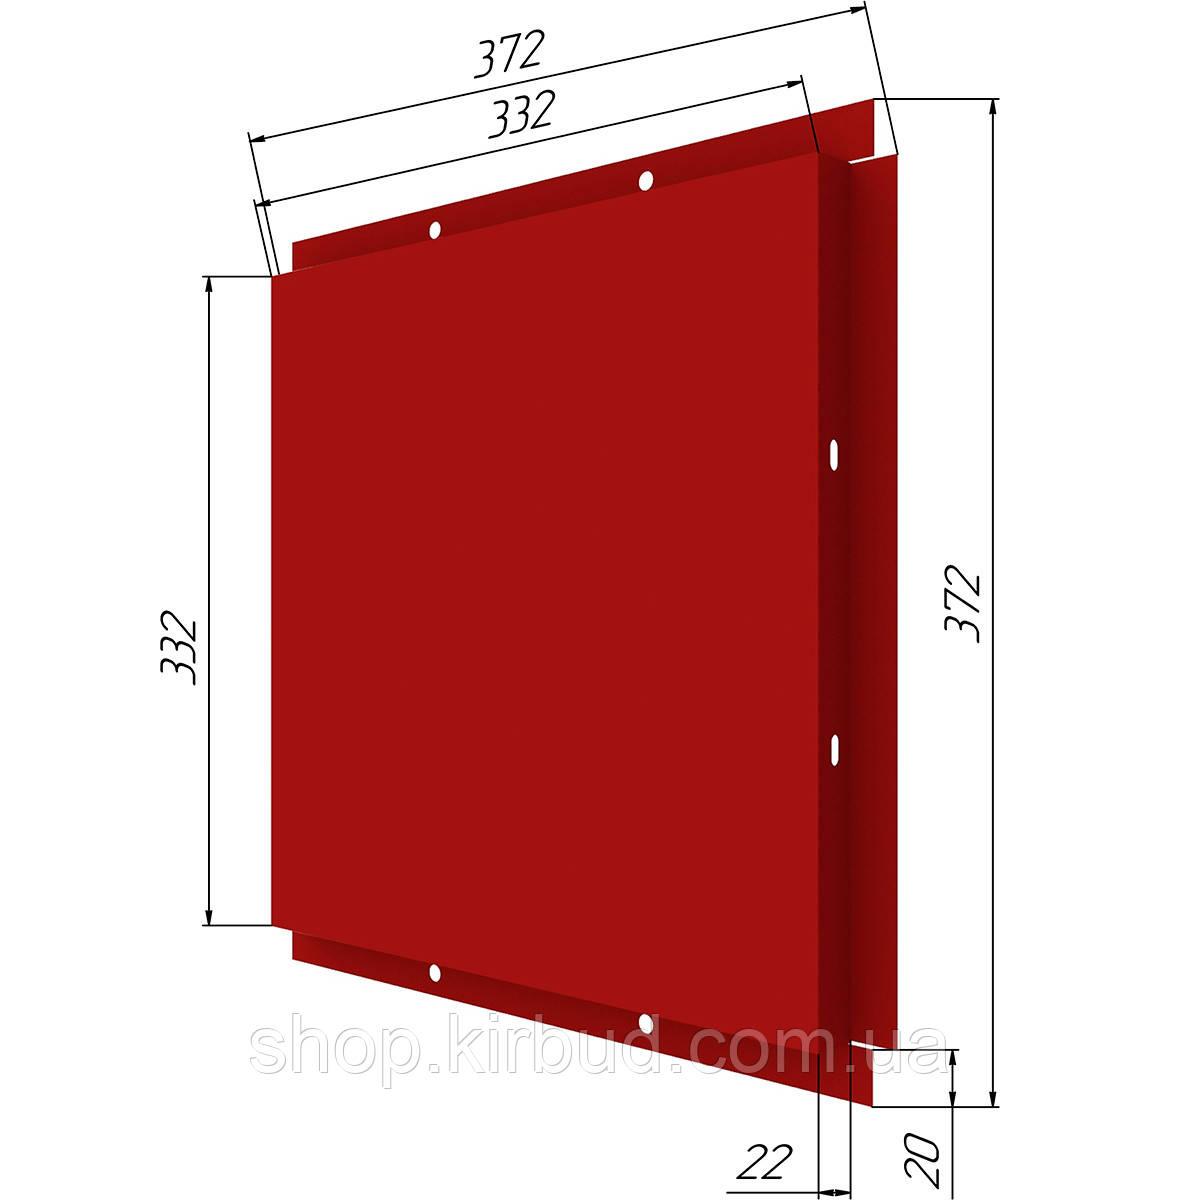 Фасадные касети (под заказ) матт 0,45мм 372х372мм